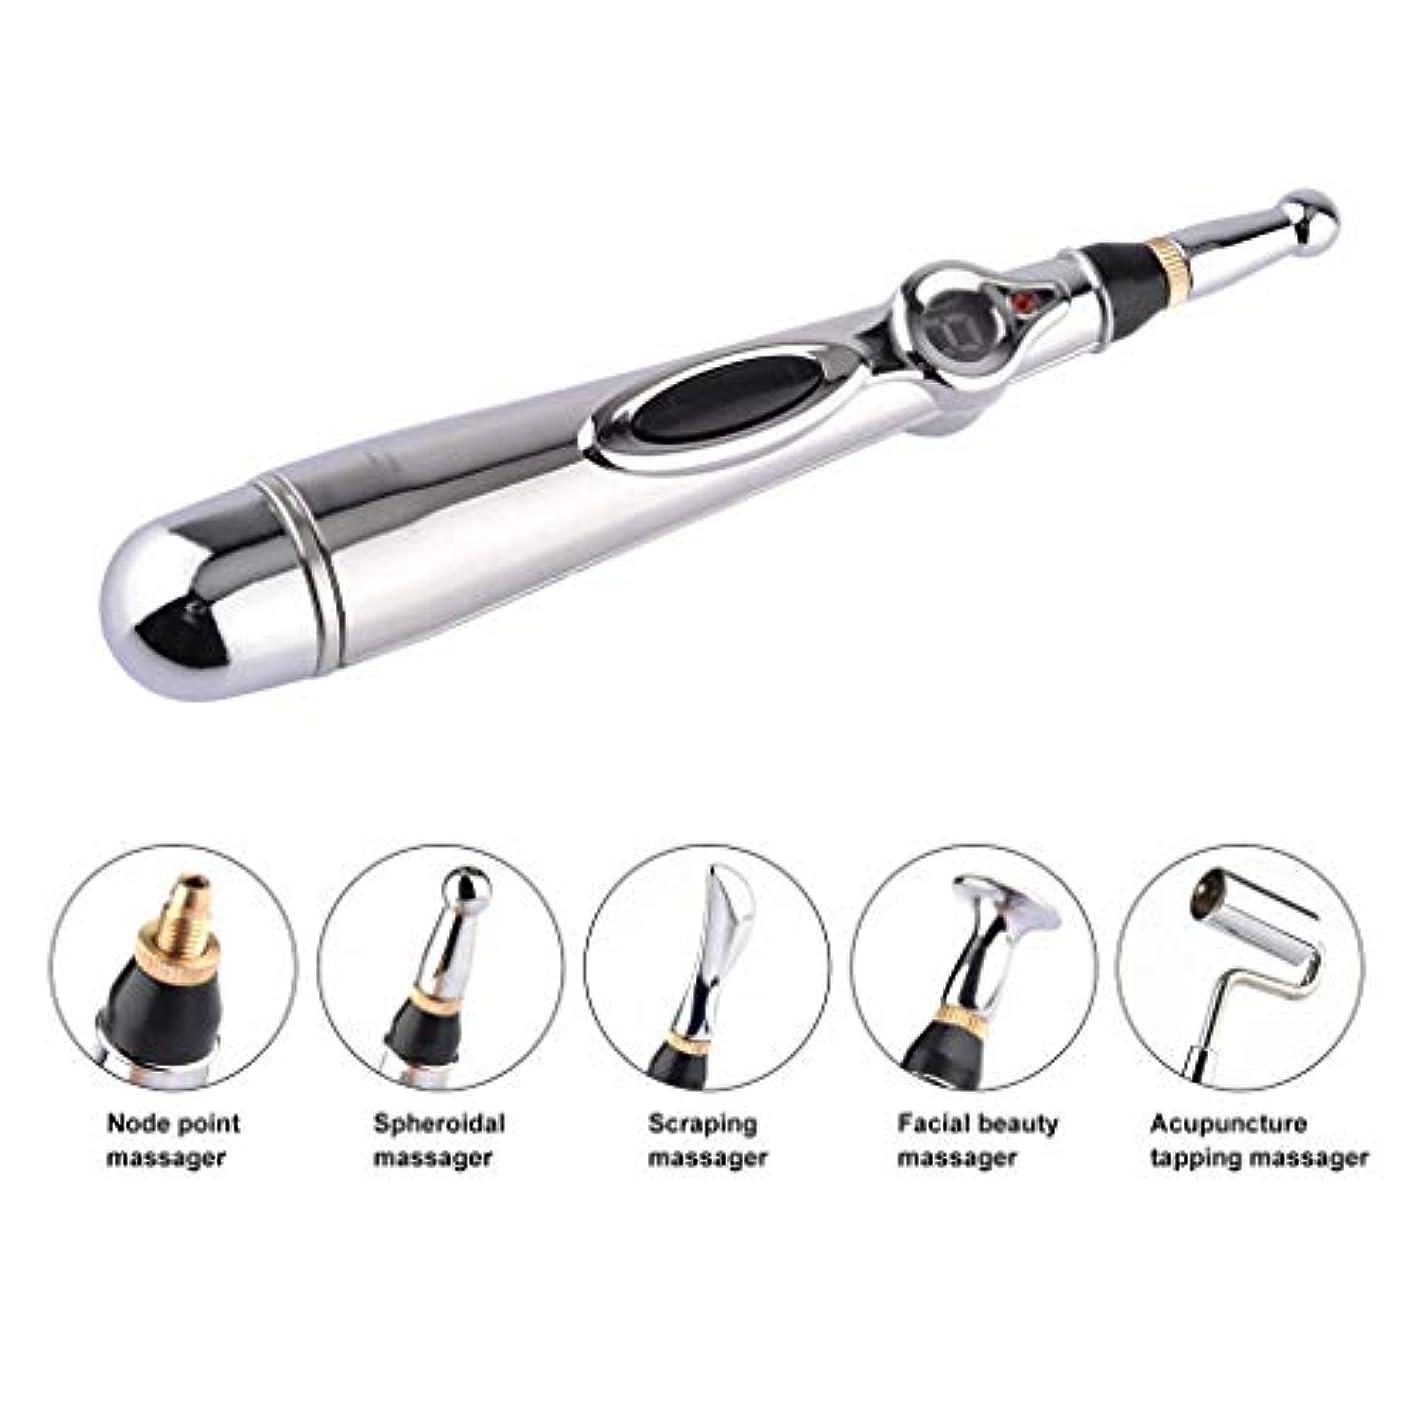 高い汚染穴携帯用電子針, 型マッサージ電子鍼 電気パ, 鍼灸マッサージャー 足裏 棒 マッサージ, ツボ押し 電動マッサージペン ペン